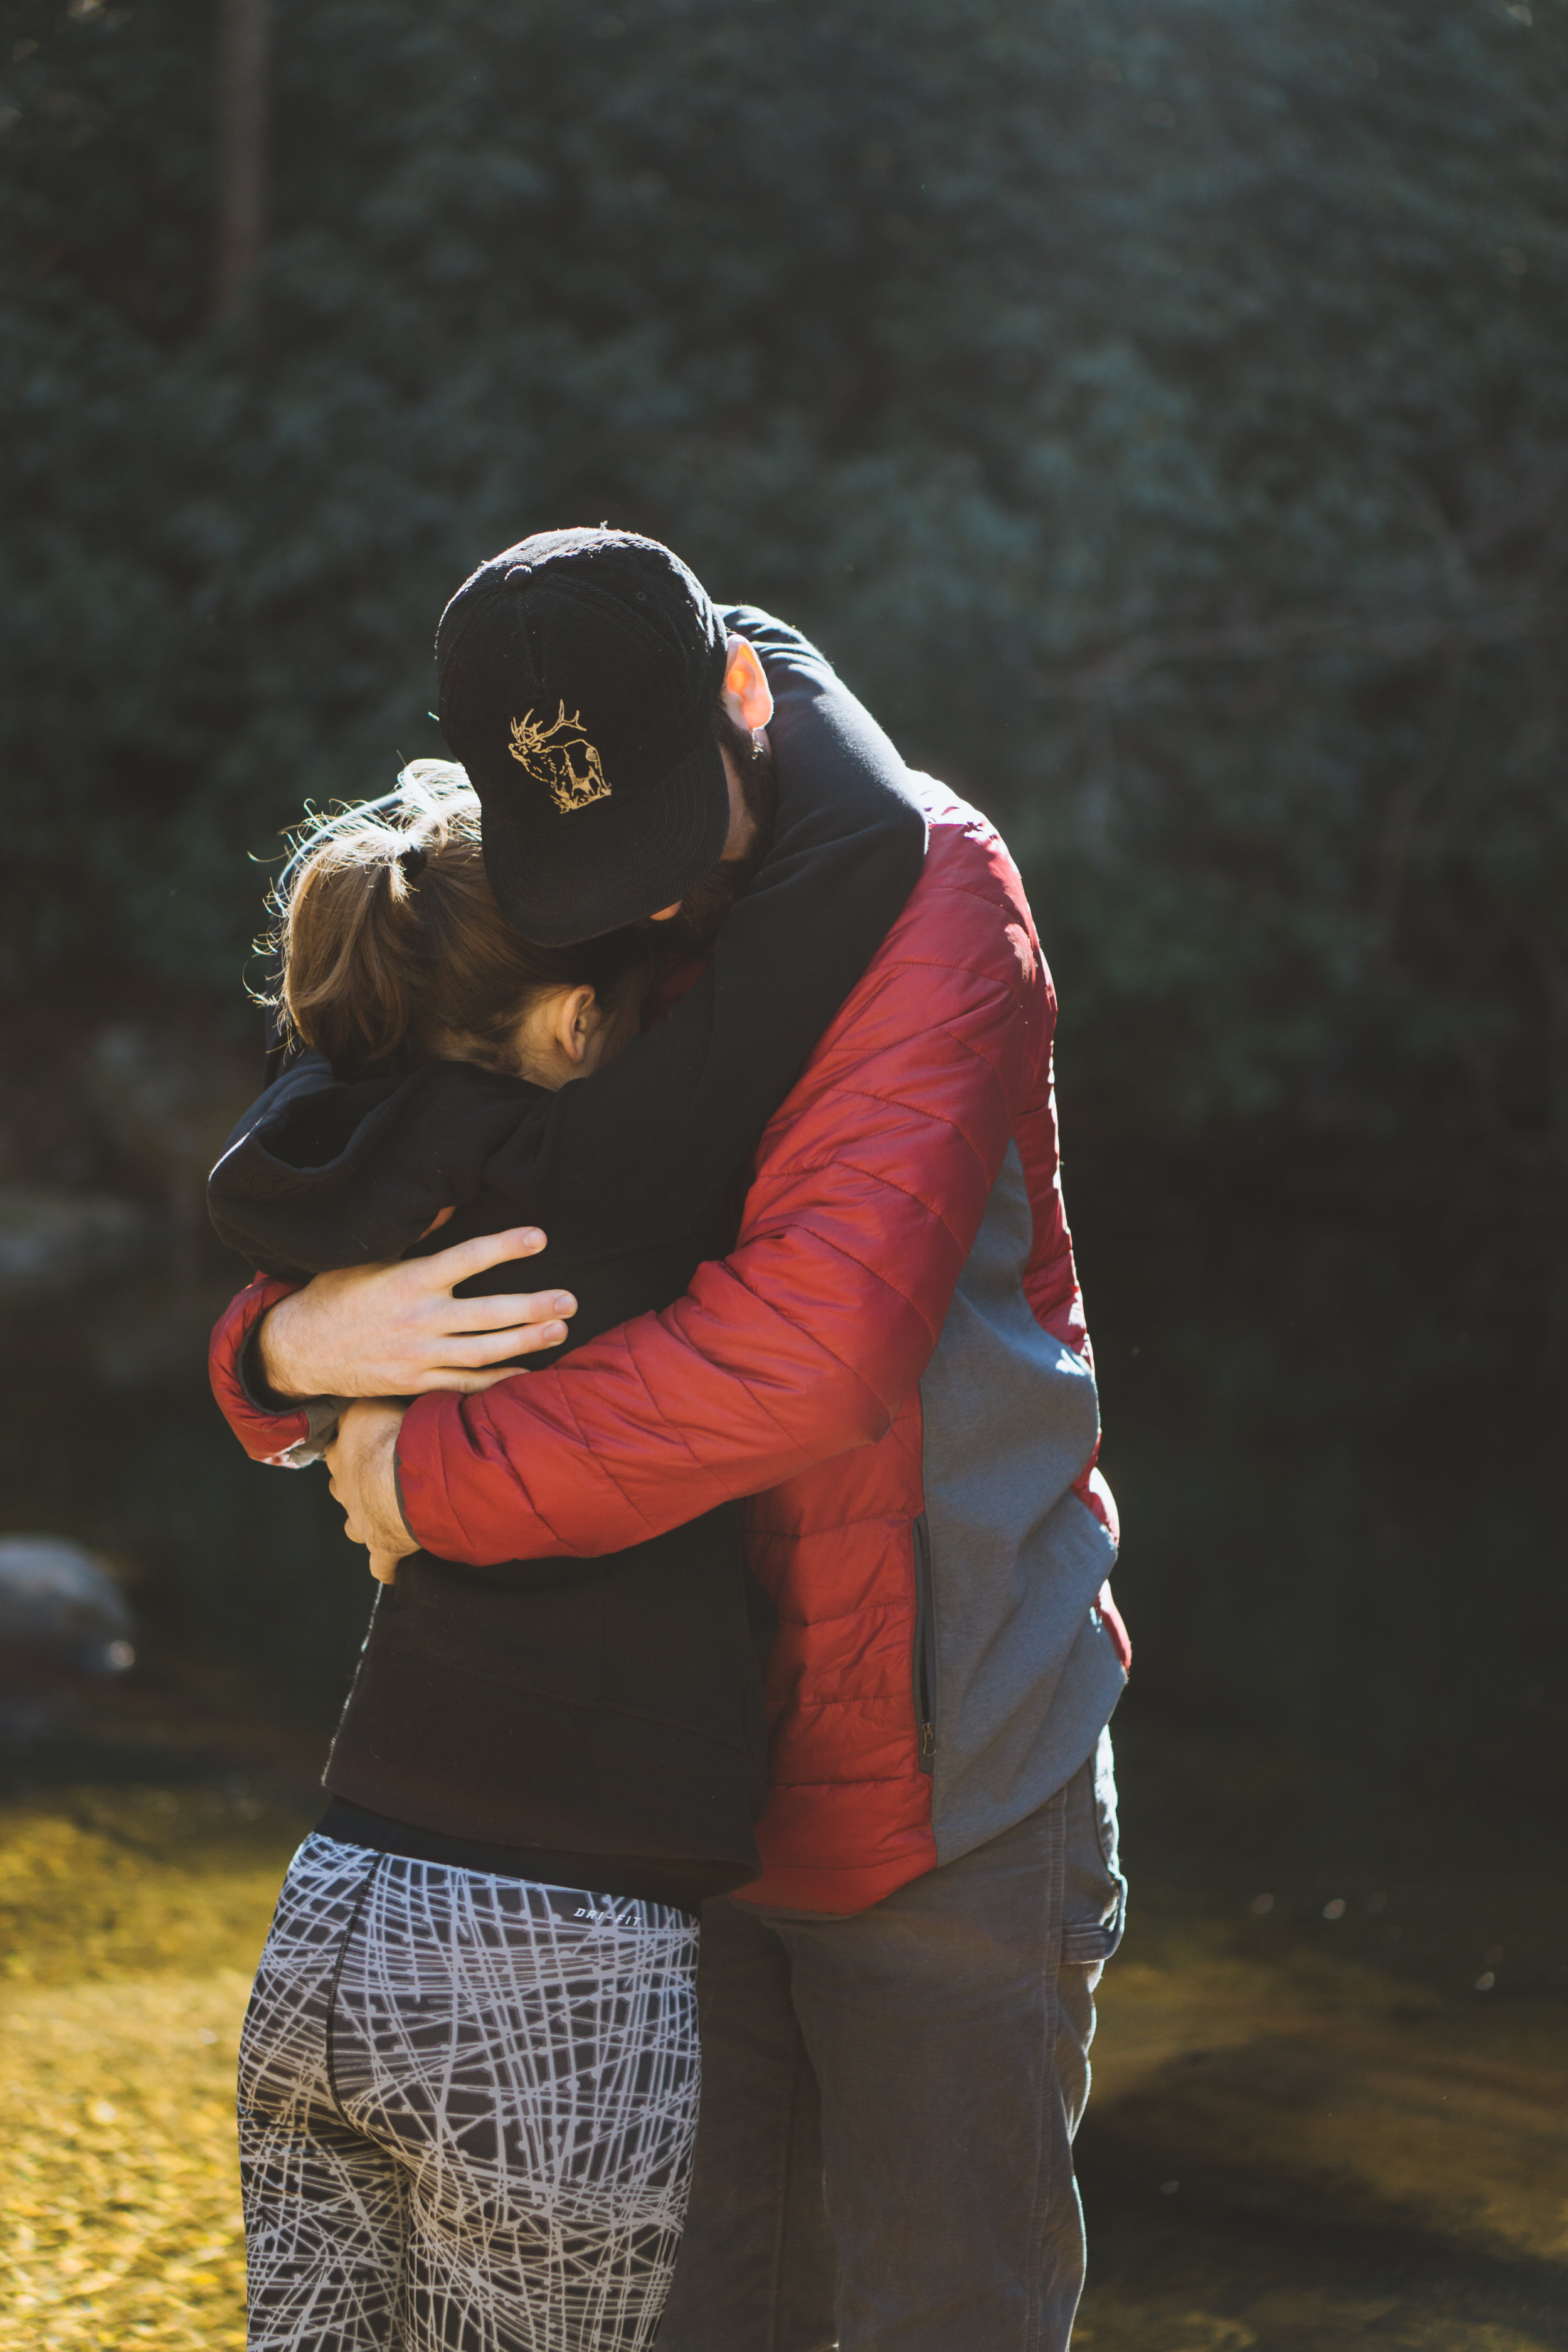 Hugs 'n Love featuring Joe (@jrigdon) and Kelsey (@kelseyomanion)